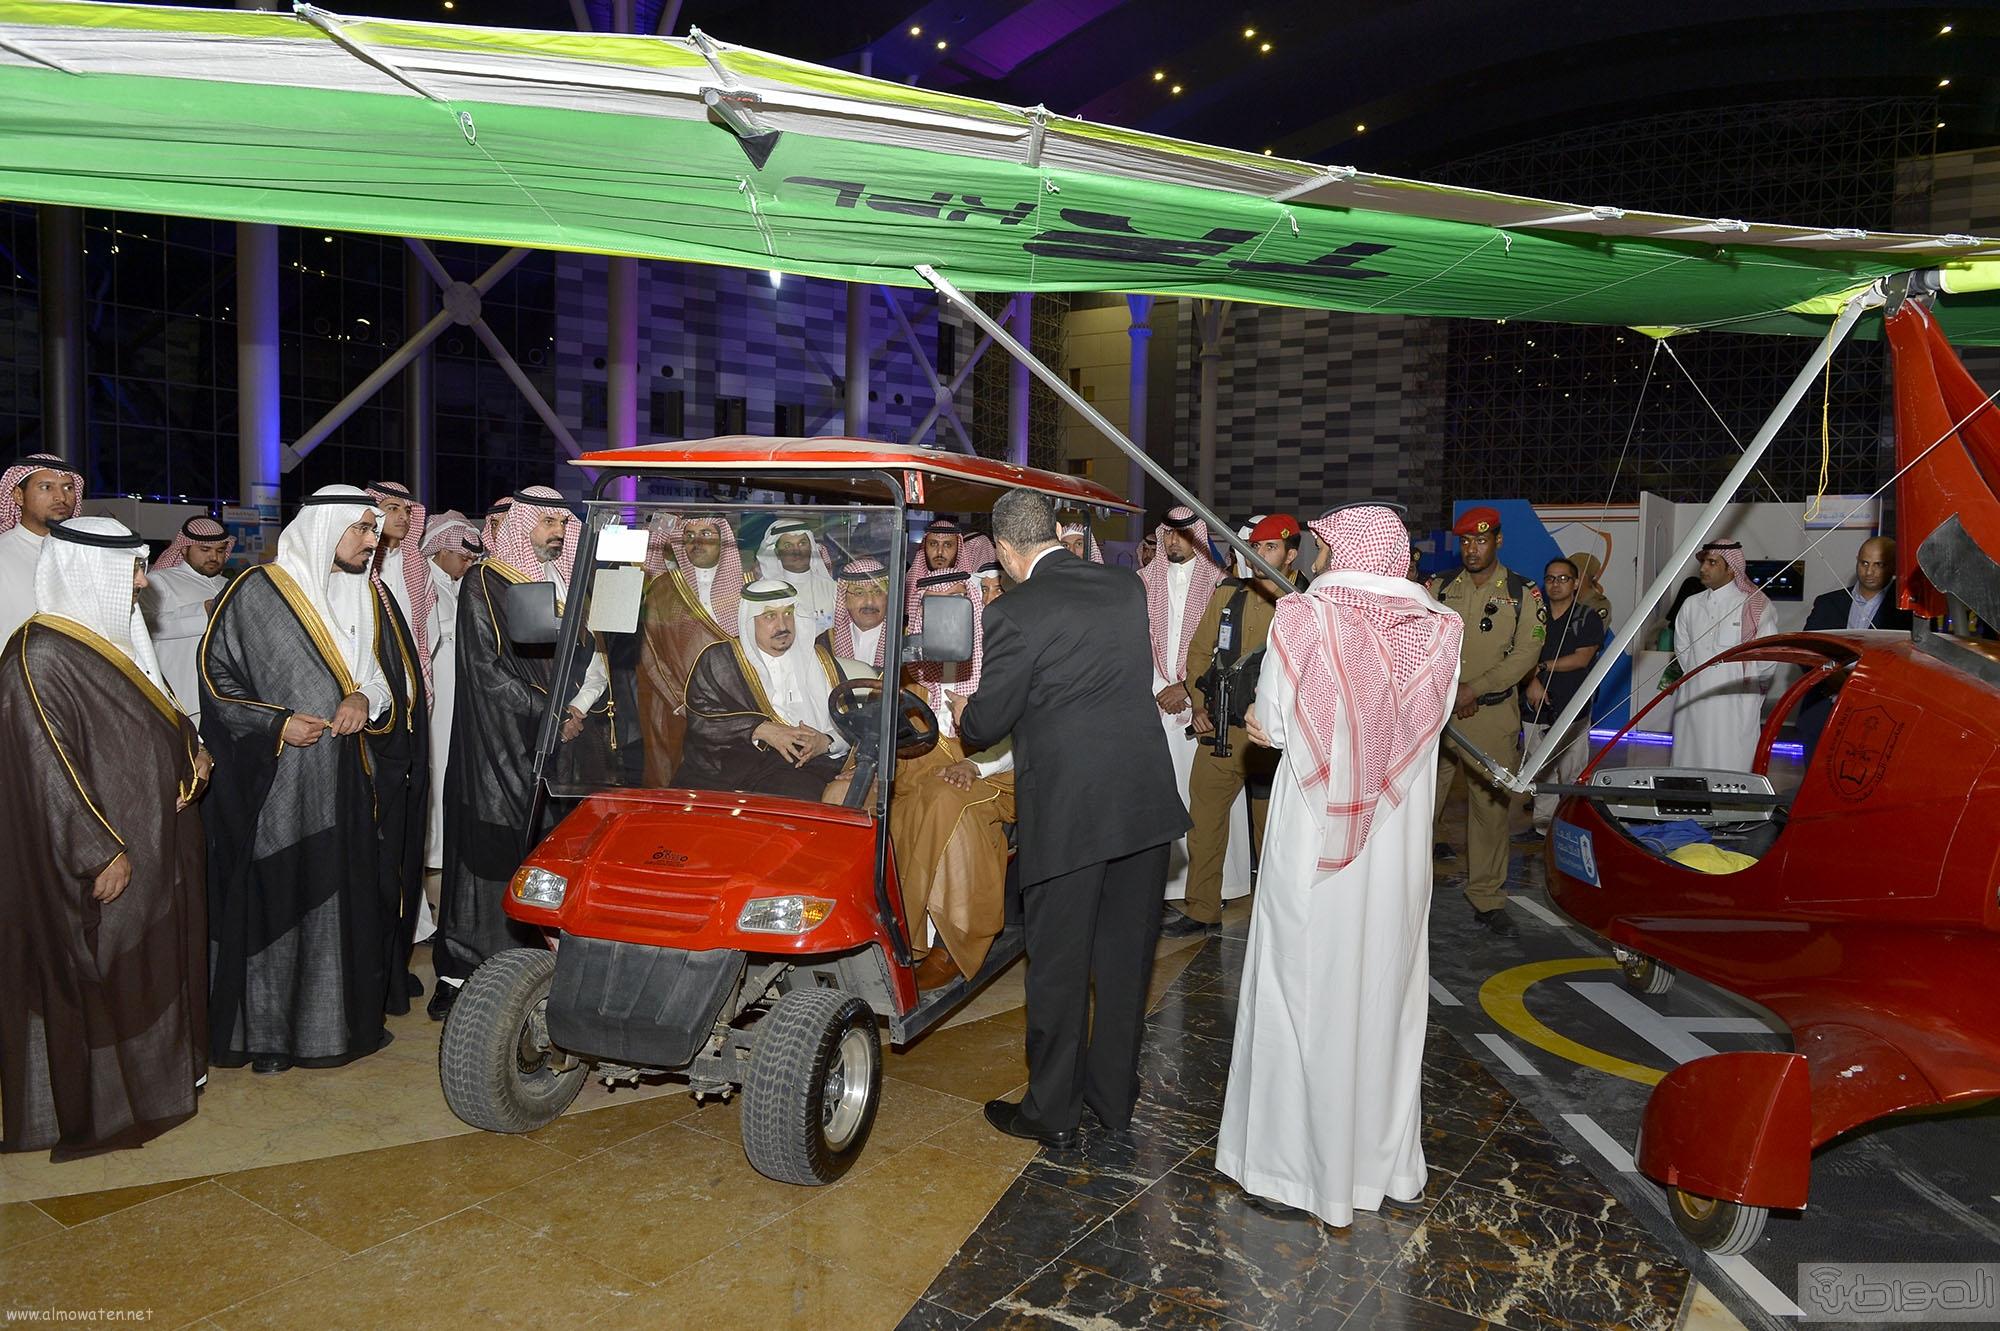 امير الرياض خلال رعاية طموح ملك لمستقبل وطن (24)